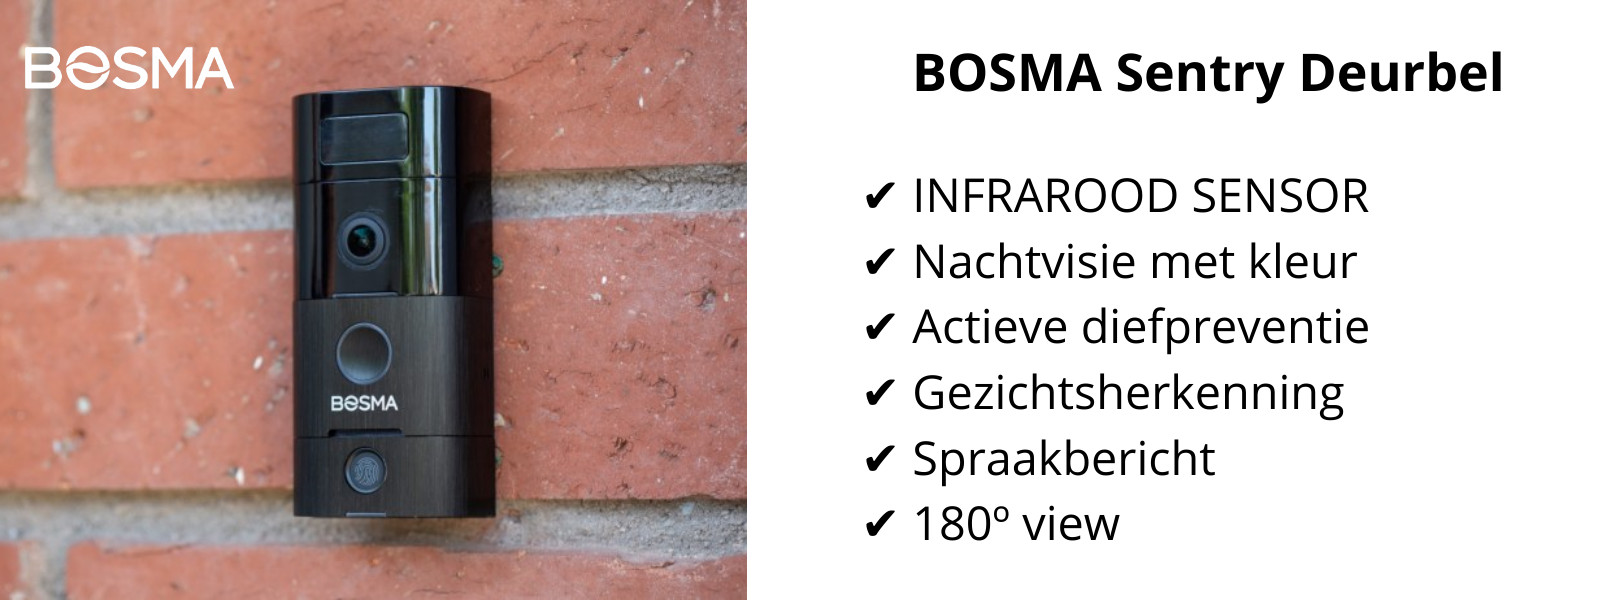 bosma doorbell